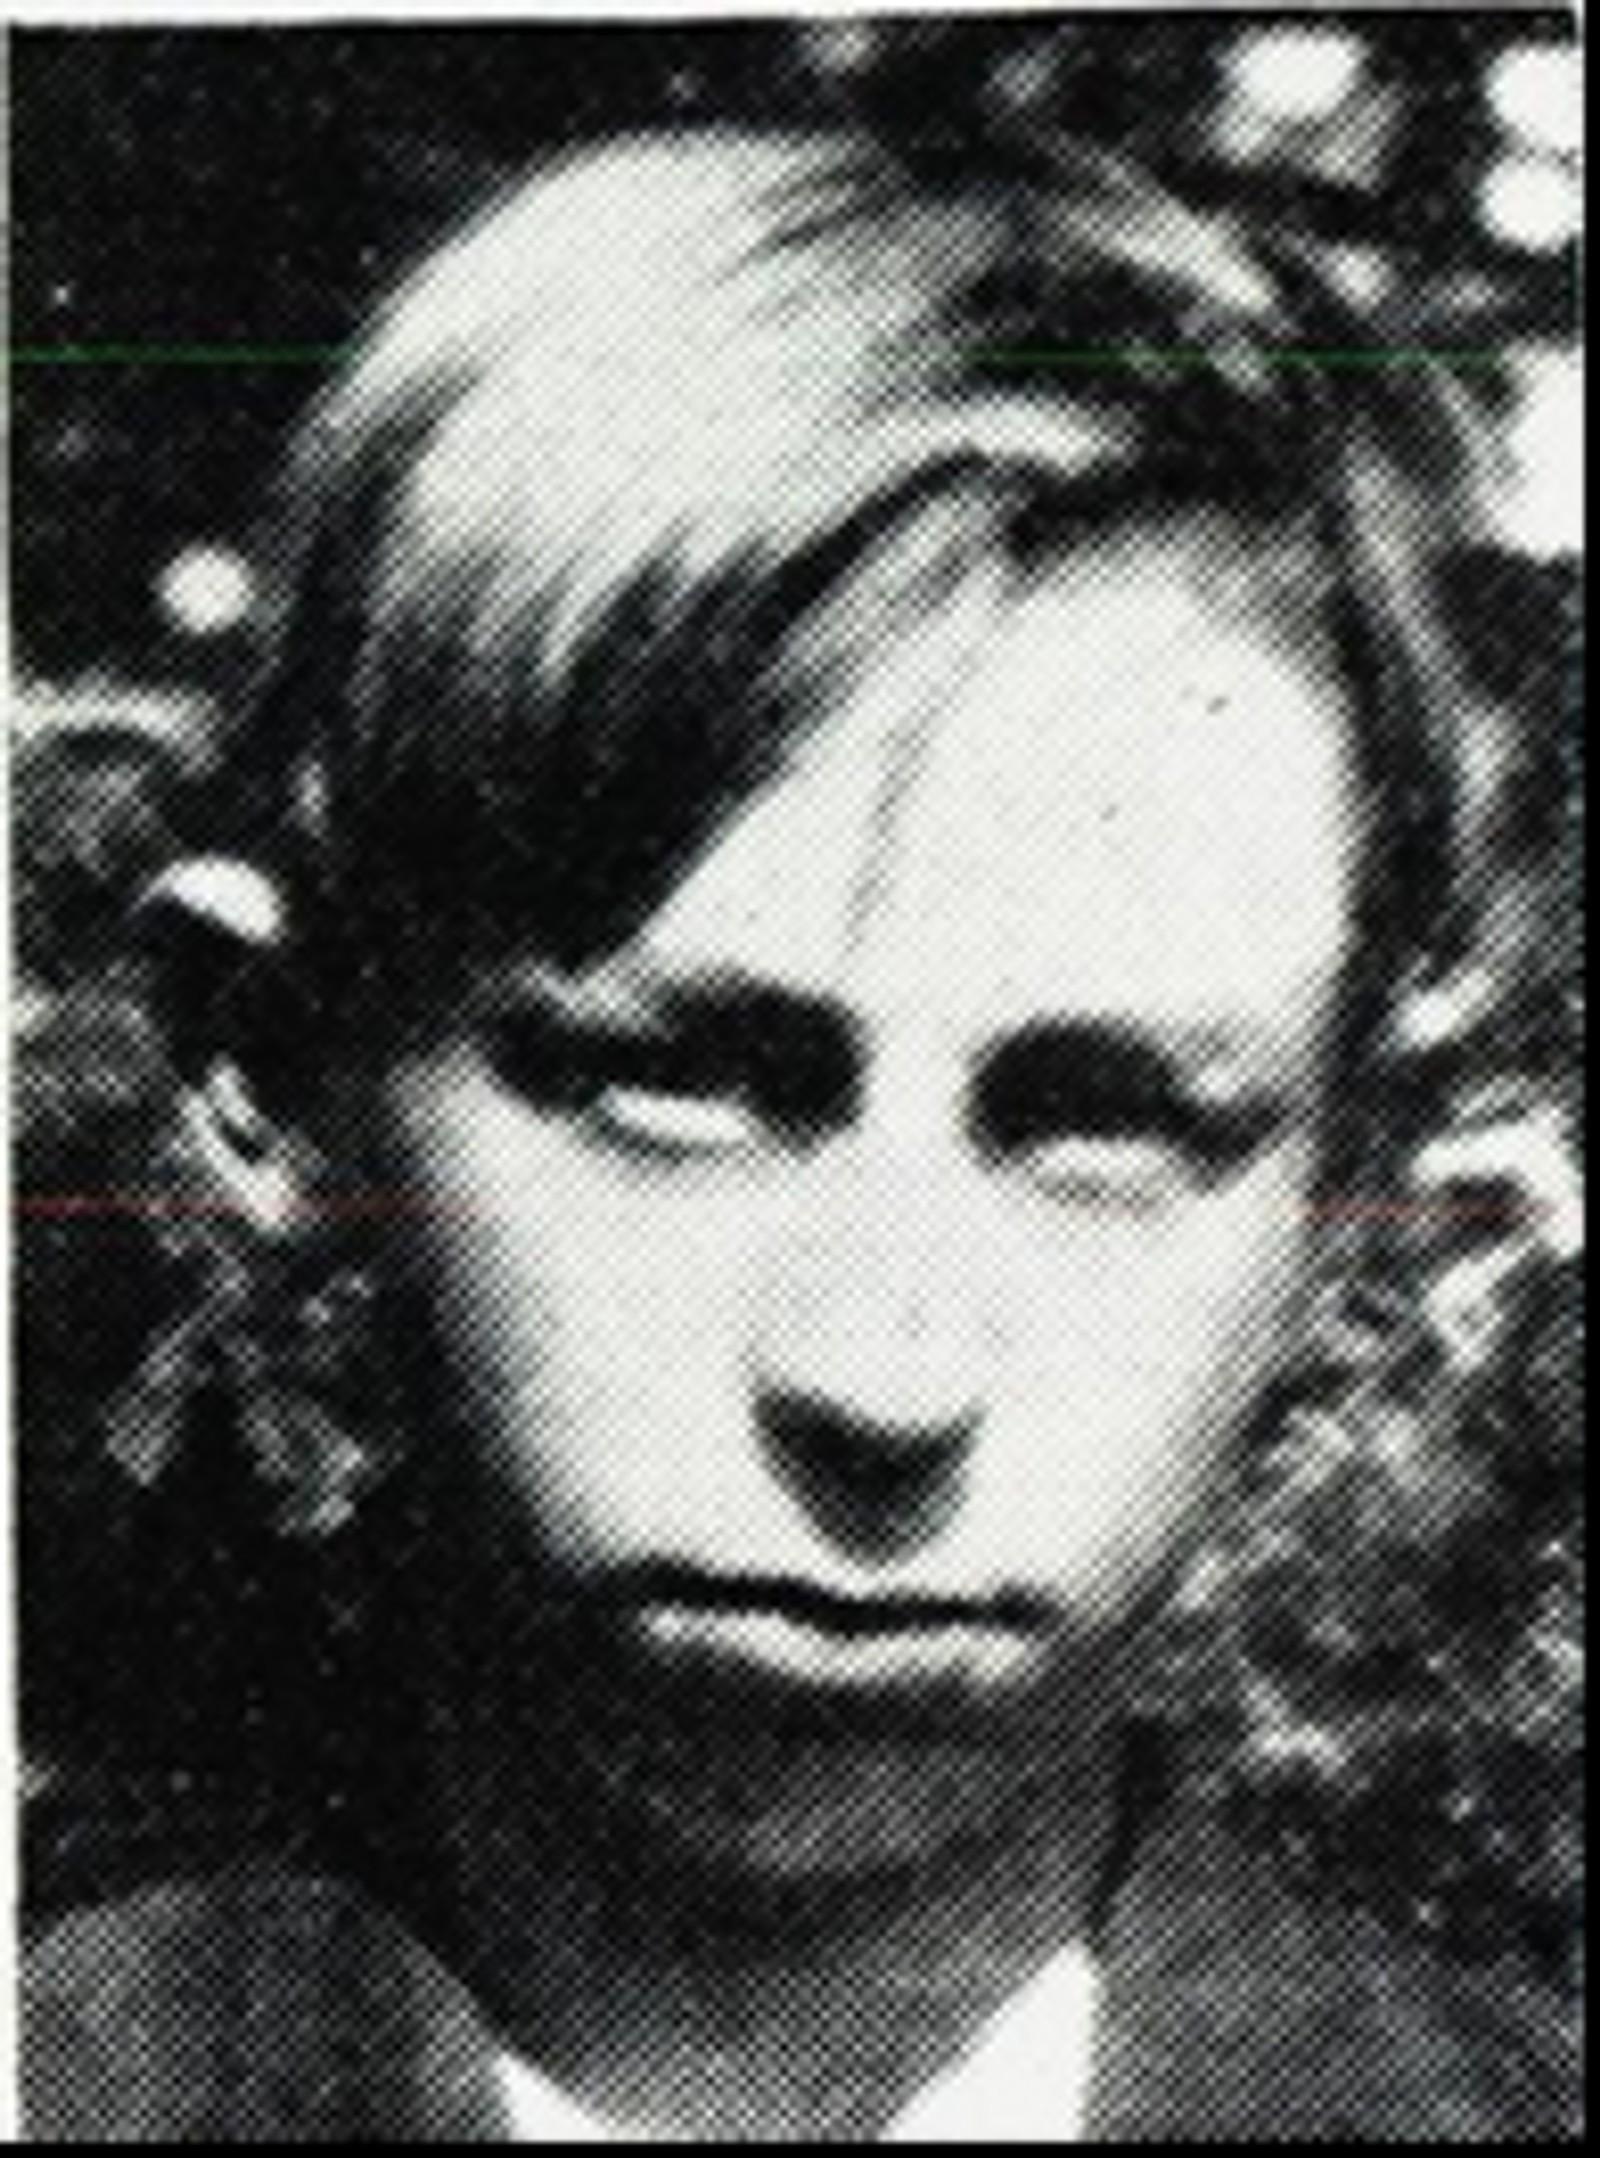 Eivind Sand: Soldat, arbeider fra Engerdal: Ble funnet død i Svartholtet i Elverum. Fikk sannsynligvis bombesjokk i Elverum 11.april og døde trolig 13.april.